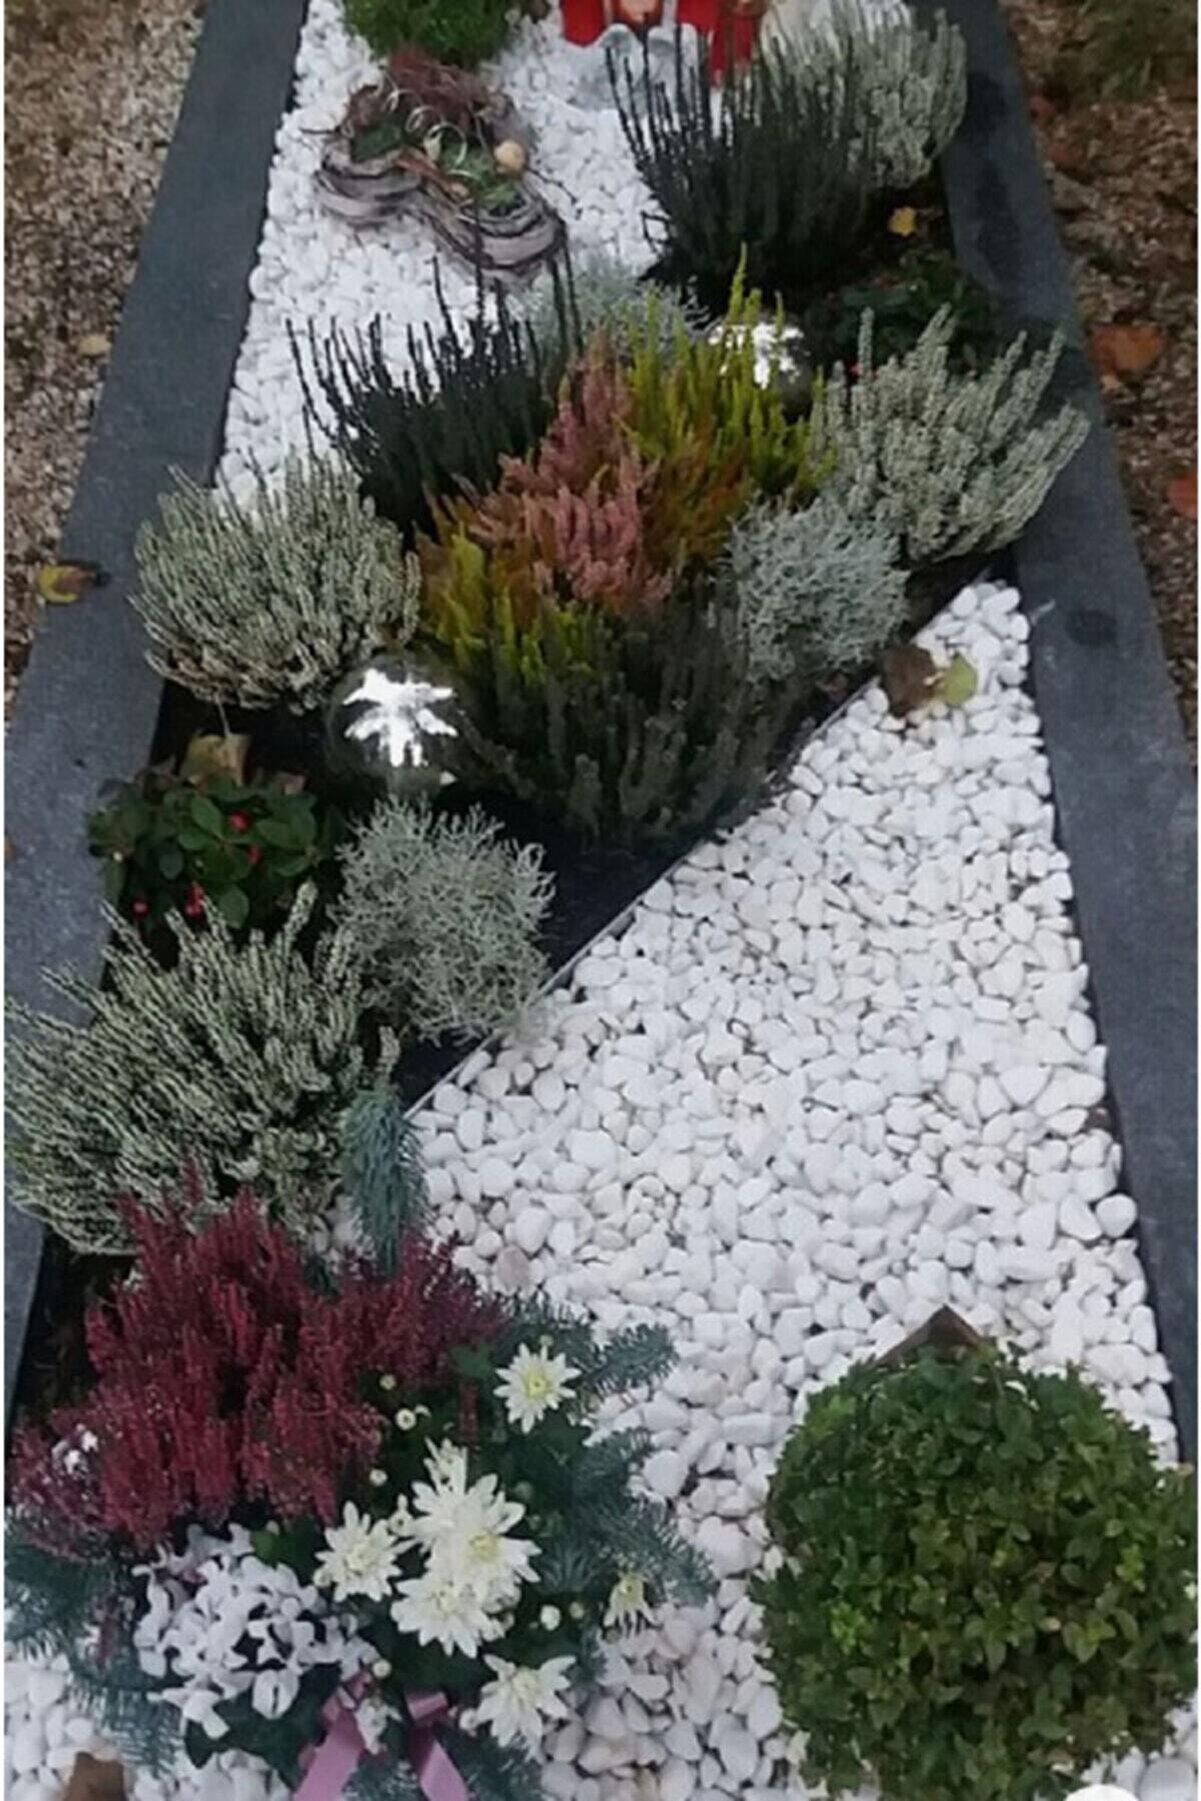 Ekodoğa Beyaz Dolomit Taş 25 Kg 1,5-2,5 Cm Bahçe Süs Taşı Dekoratif Taş Dere Taşı